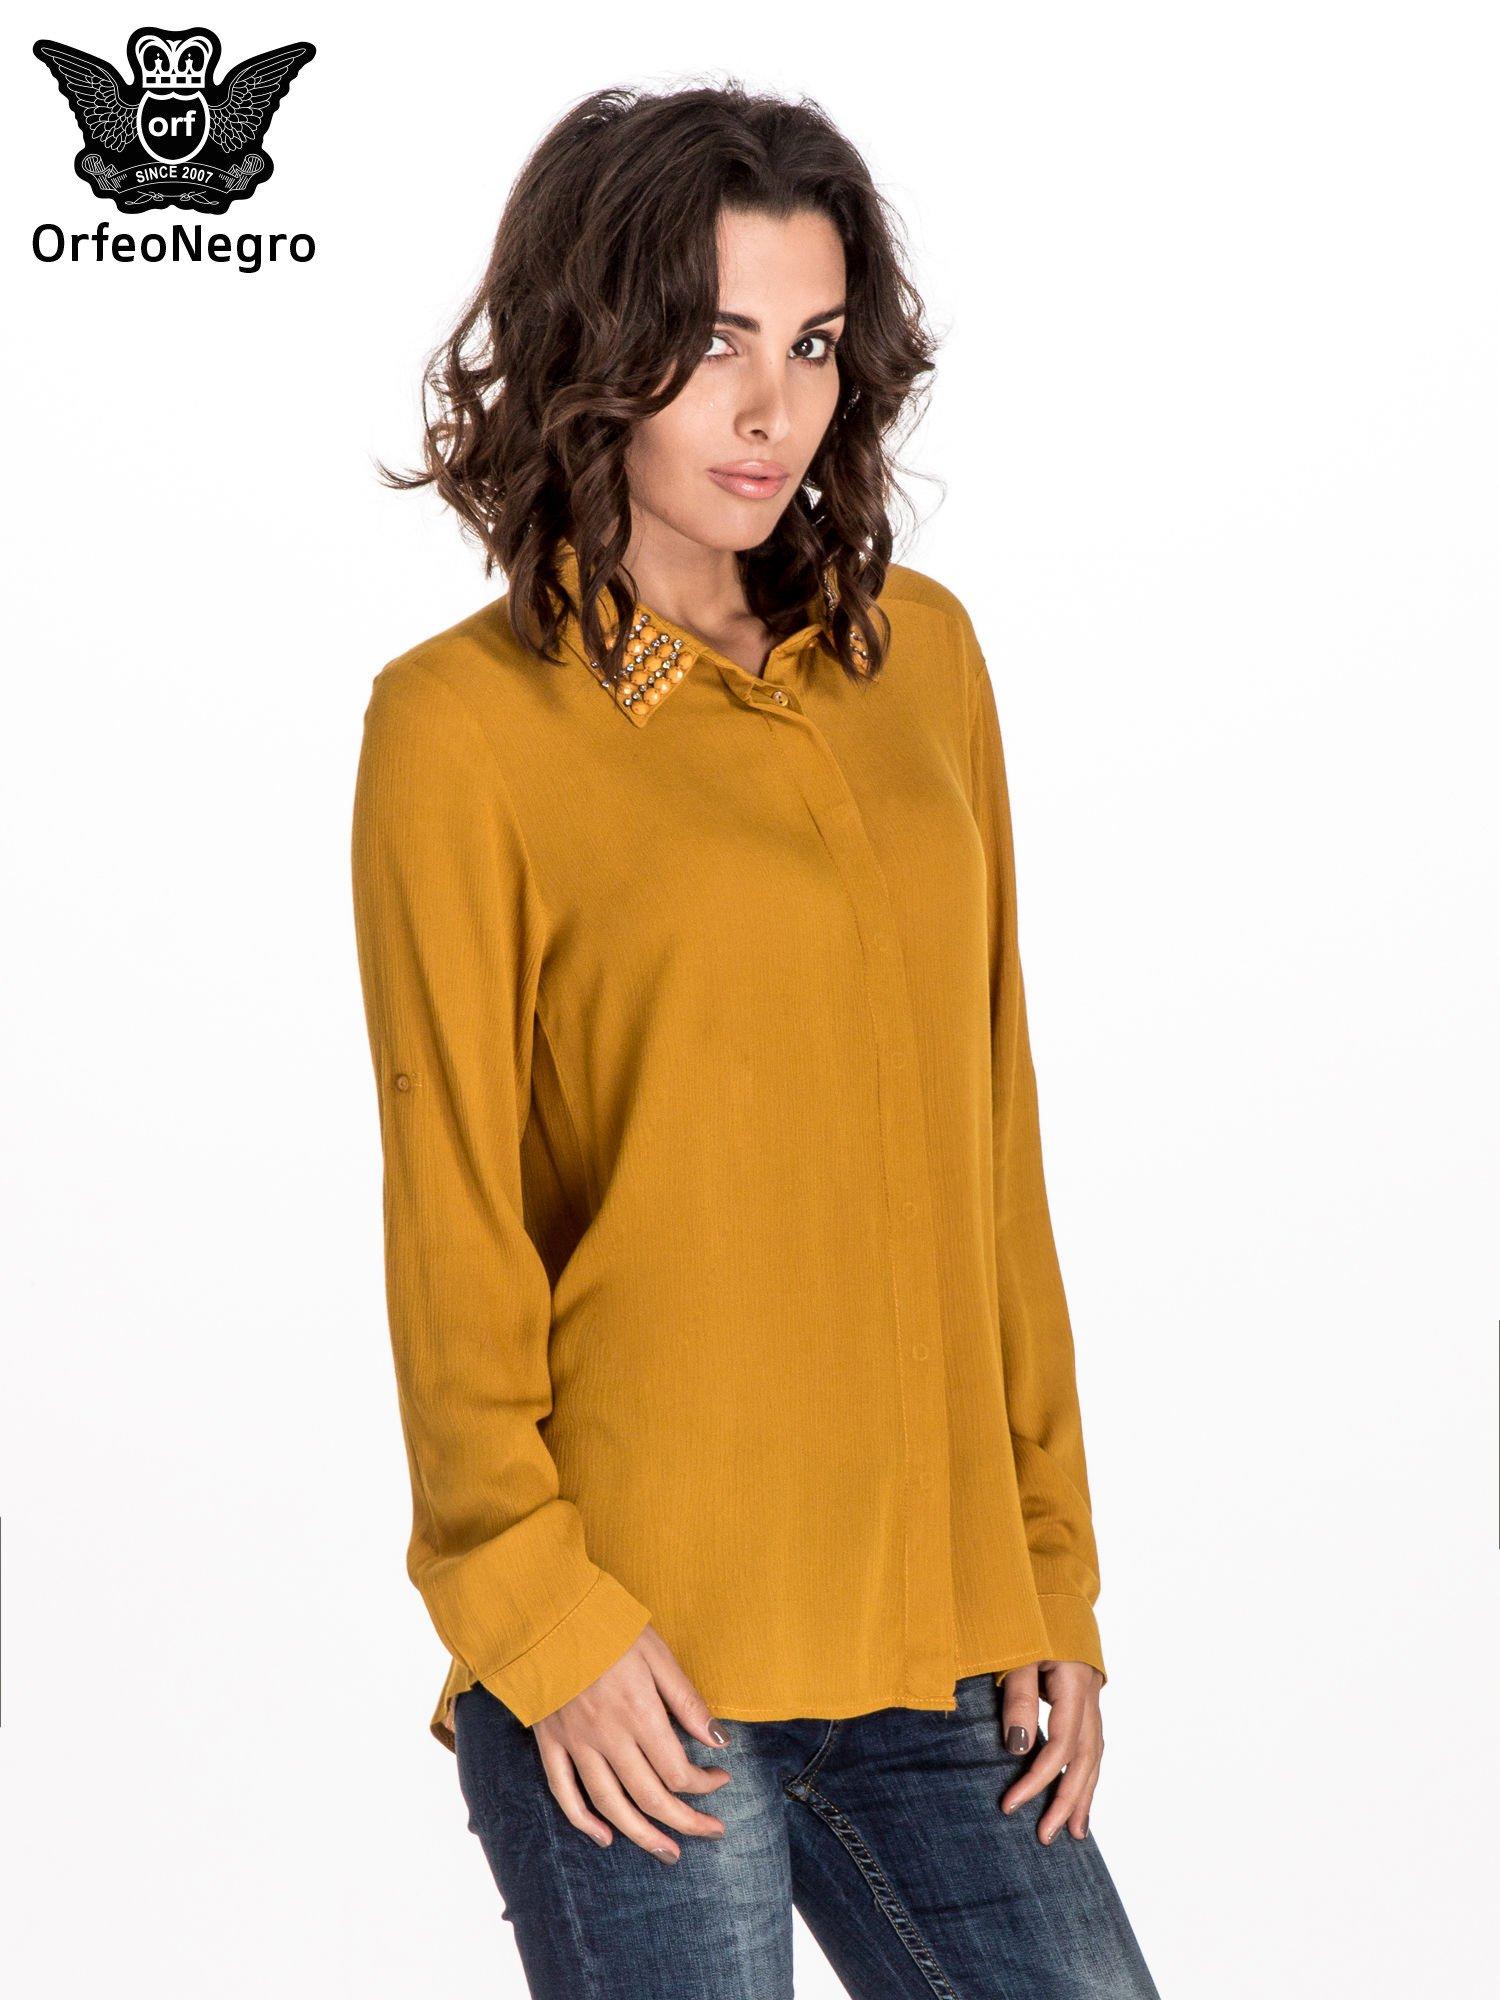 Żółta koszula z kołnierzykiem zdobionym kamieniami                                  zdj.                                  1